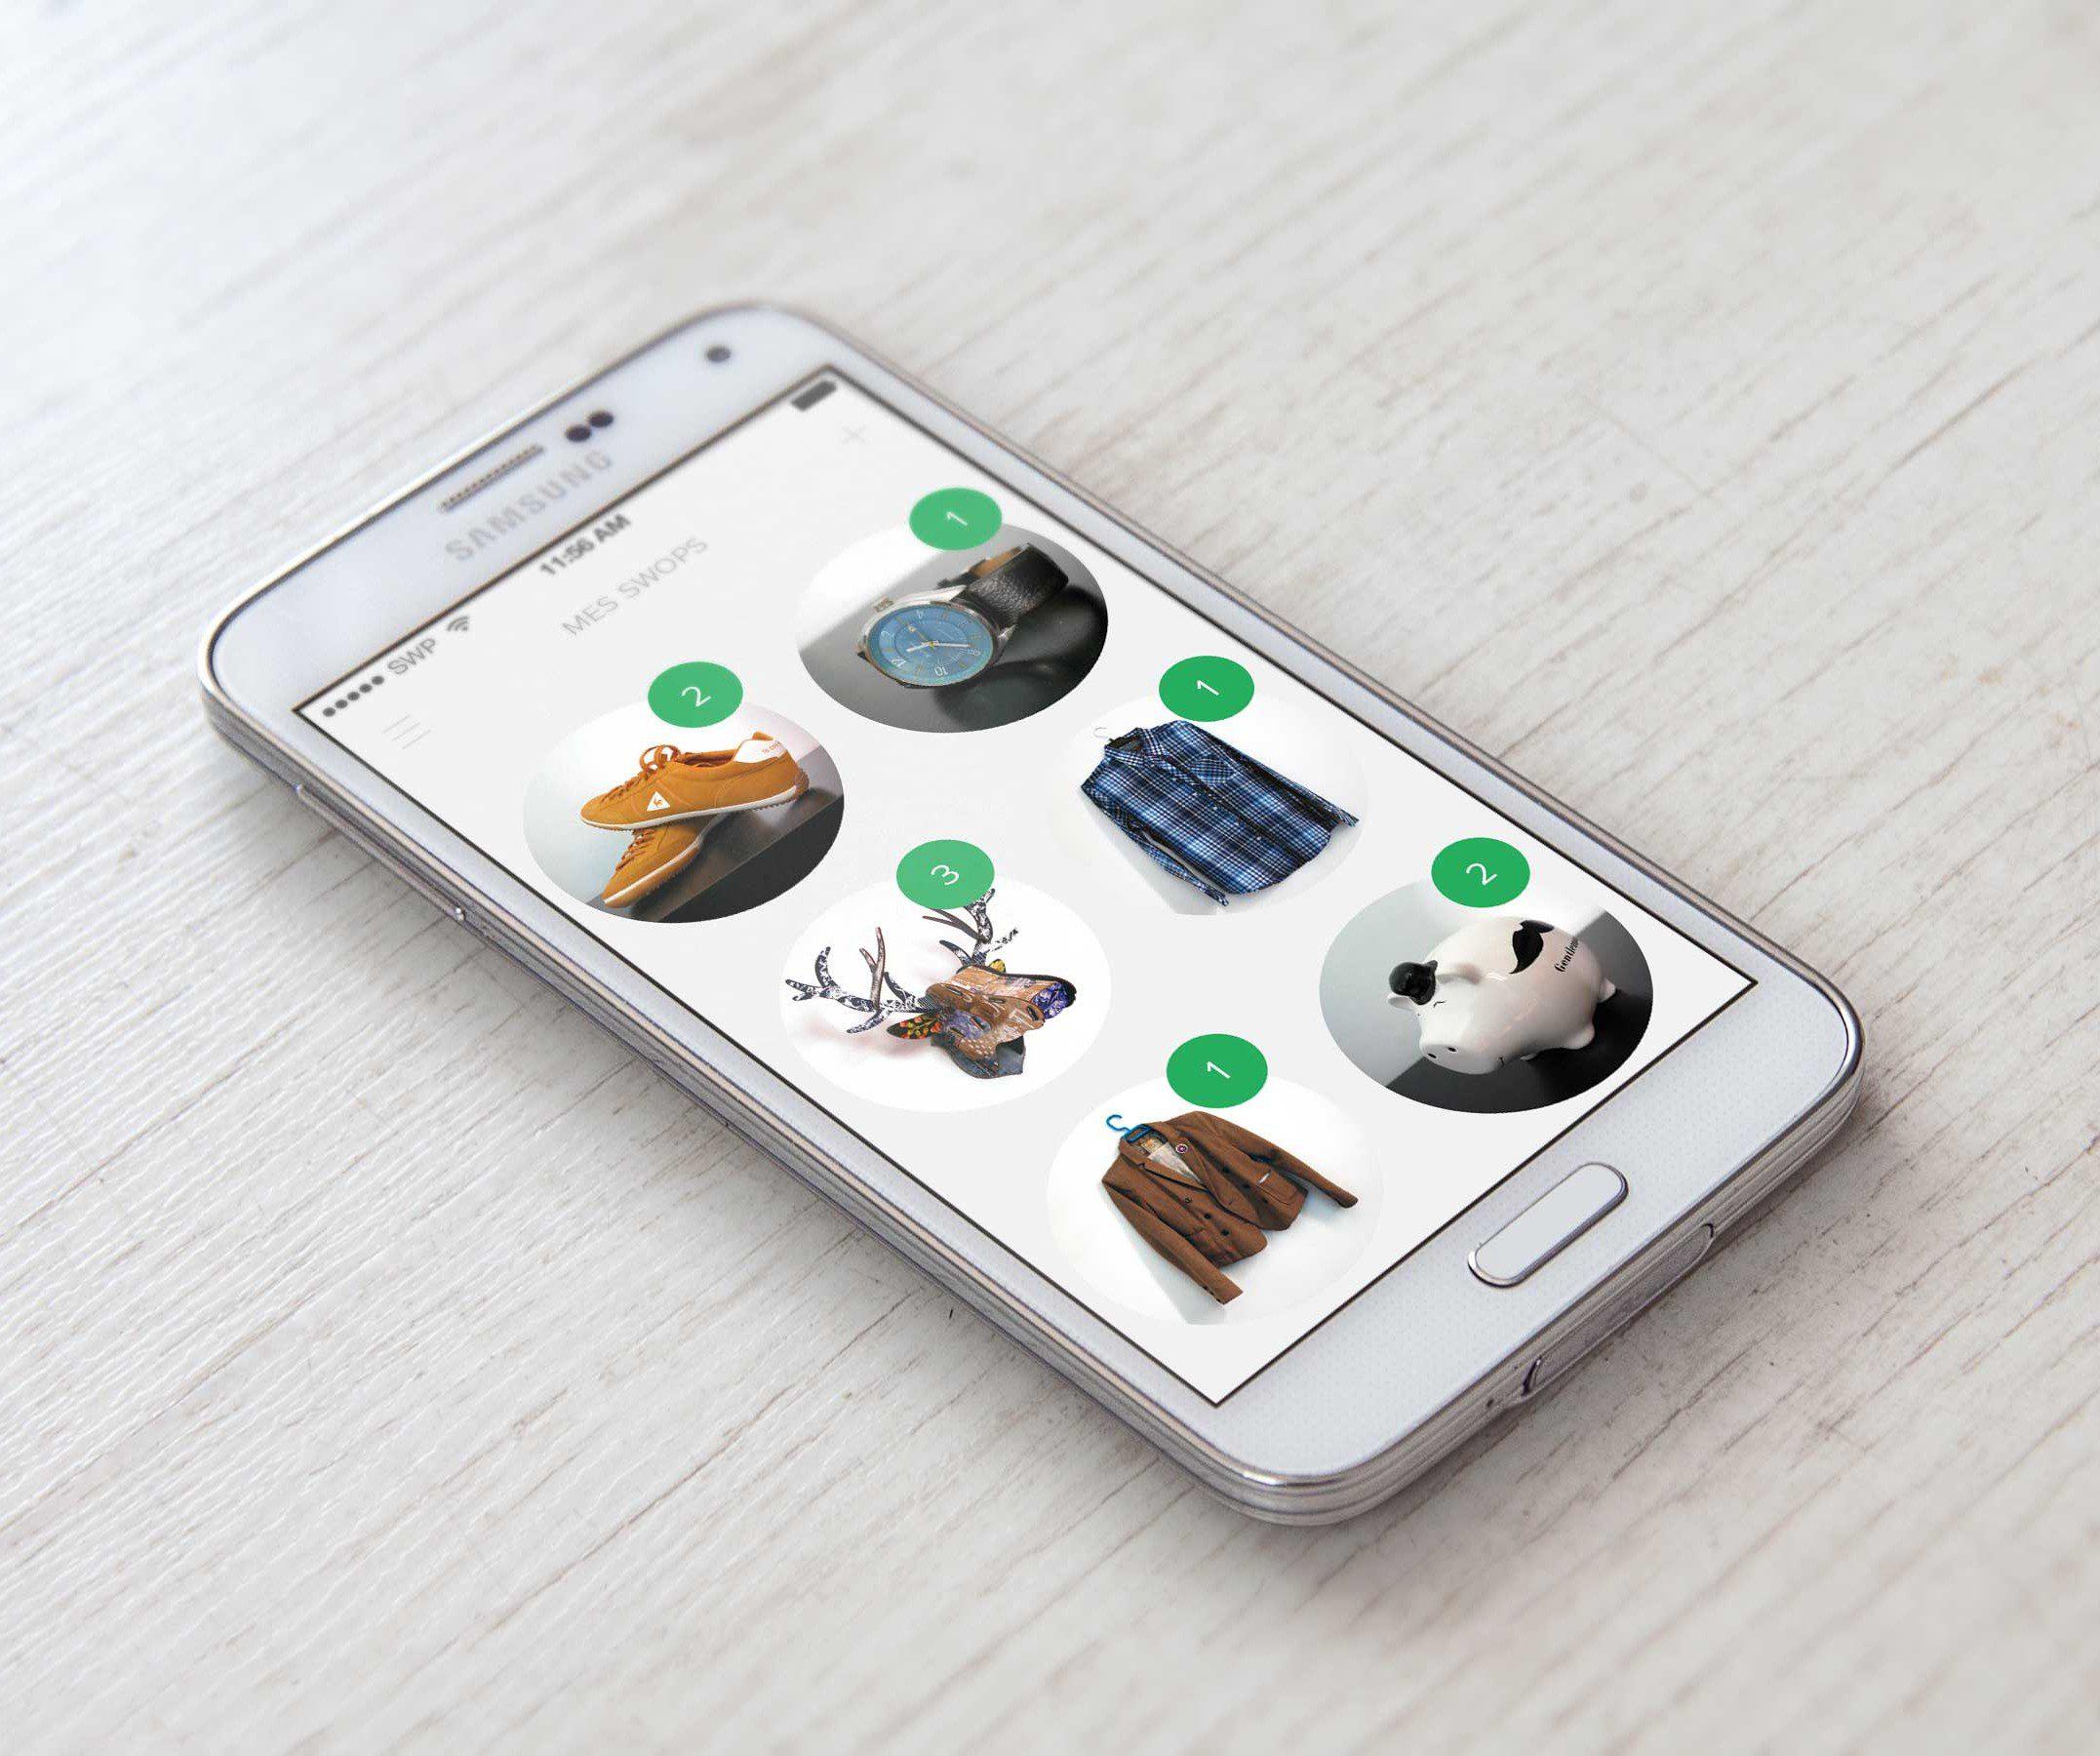 Swopr, une application révolutionnaire de troc sur smartphone lancée par un membre de Creads !